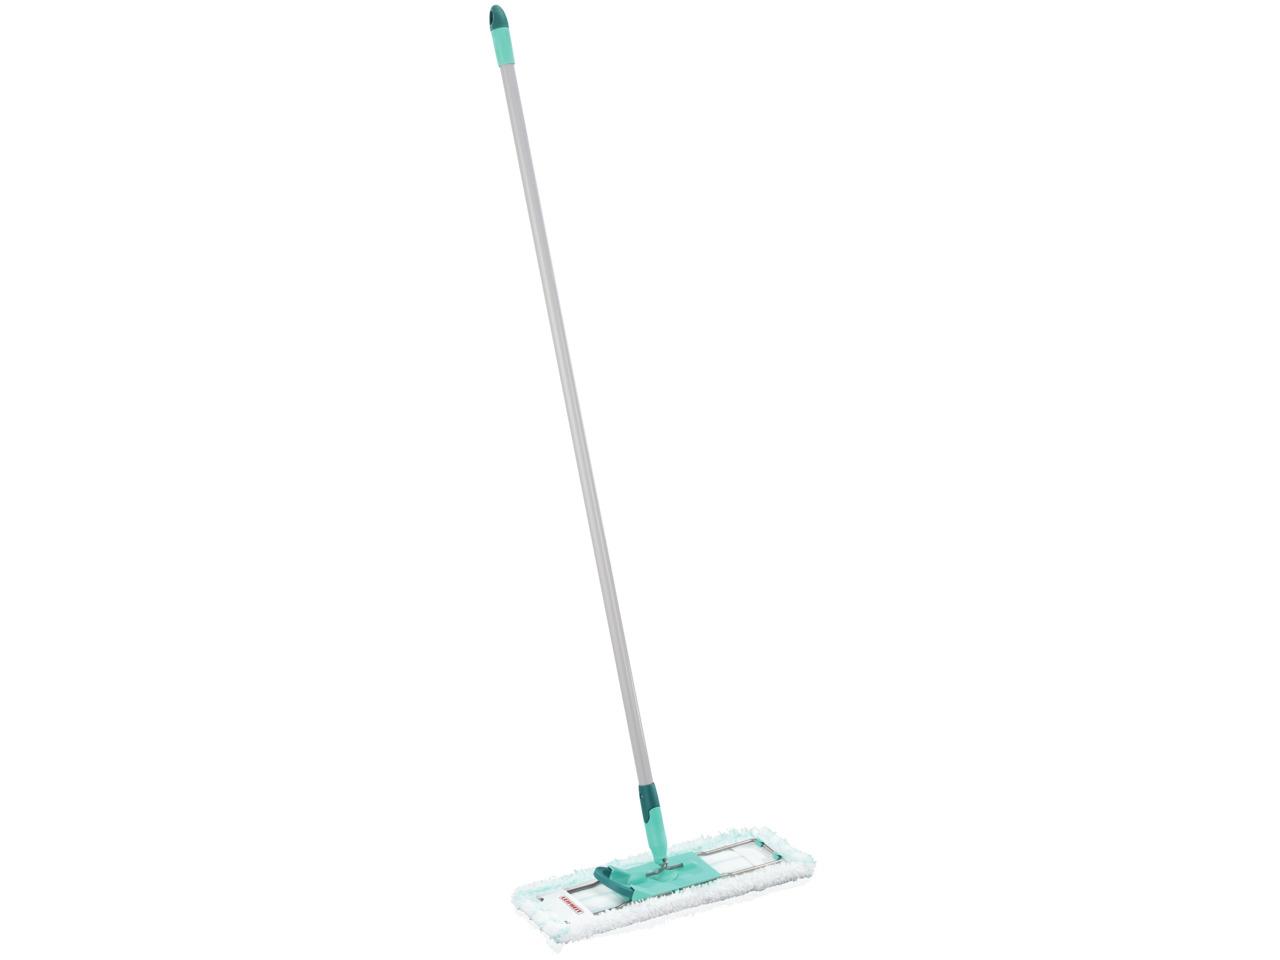 LEIFHEIT profi micro duo podlahový mop s hliníkovou tyčí 55048